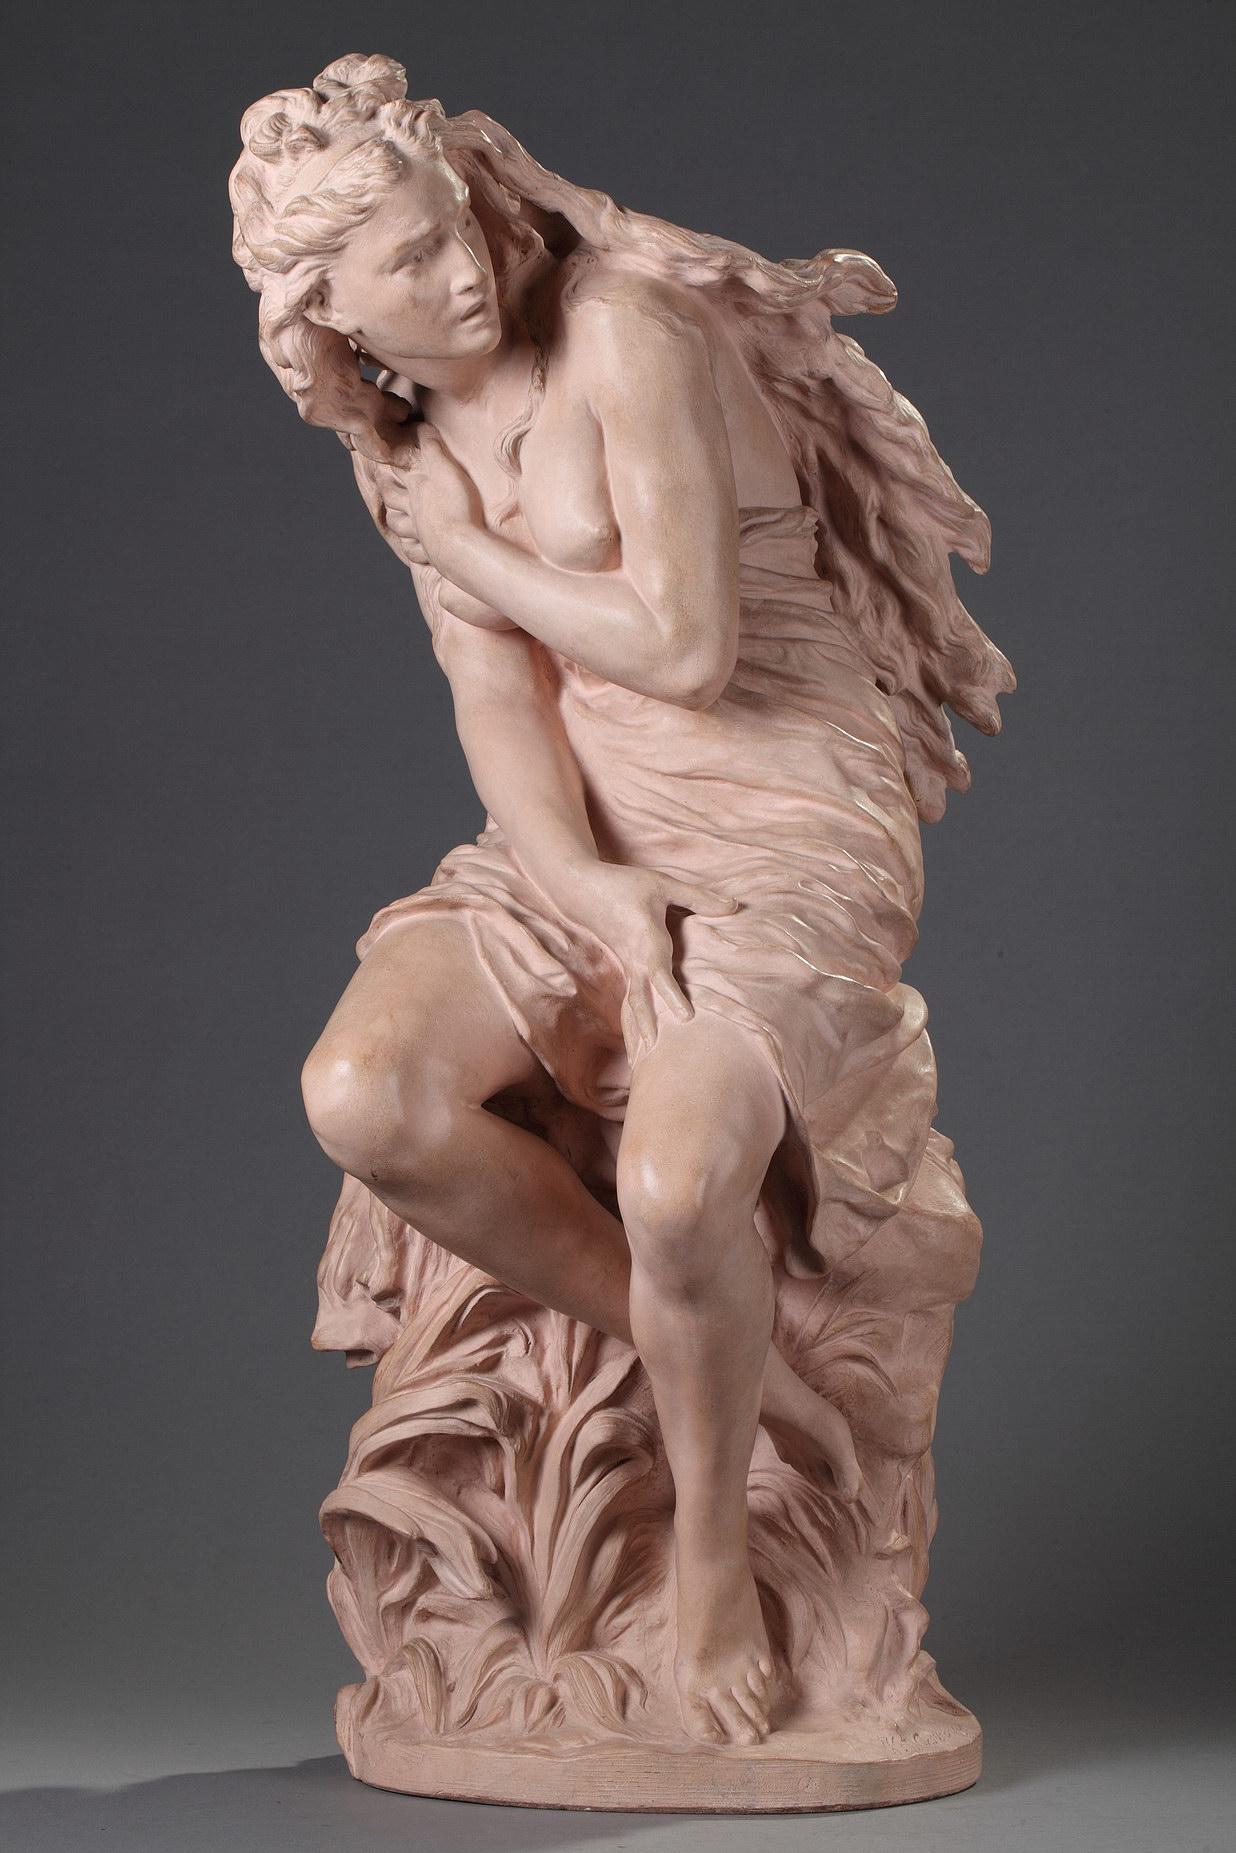 """Jean-Baptiste Carpeaux (1827-1875), """"Suzanne surprise"""", terre cuite, Propriété Carpeaux, haut. 64 cm, sculptures - galerie Tourbillon, Paris"""